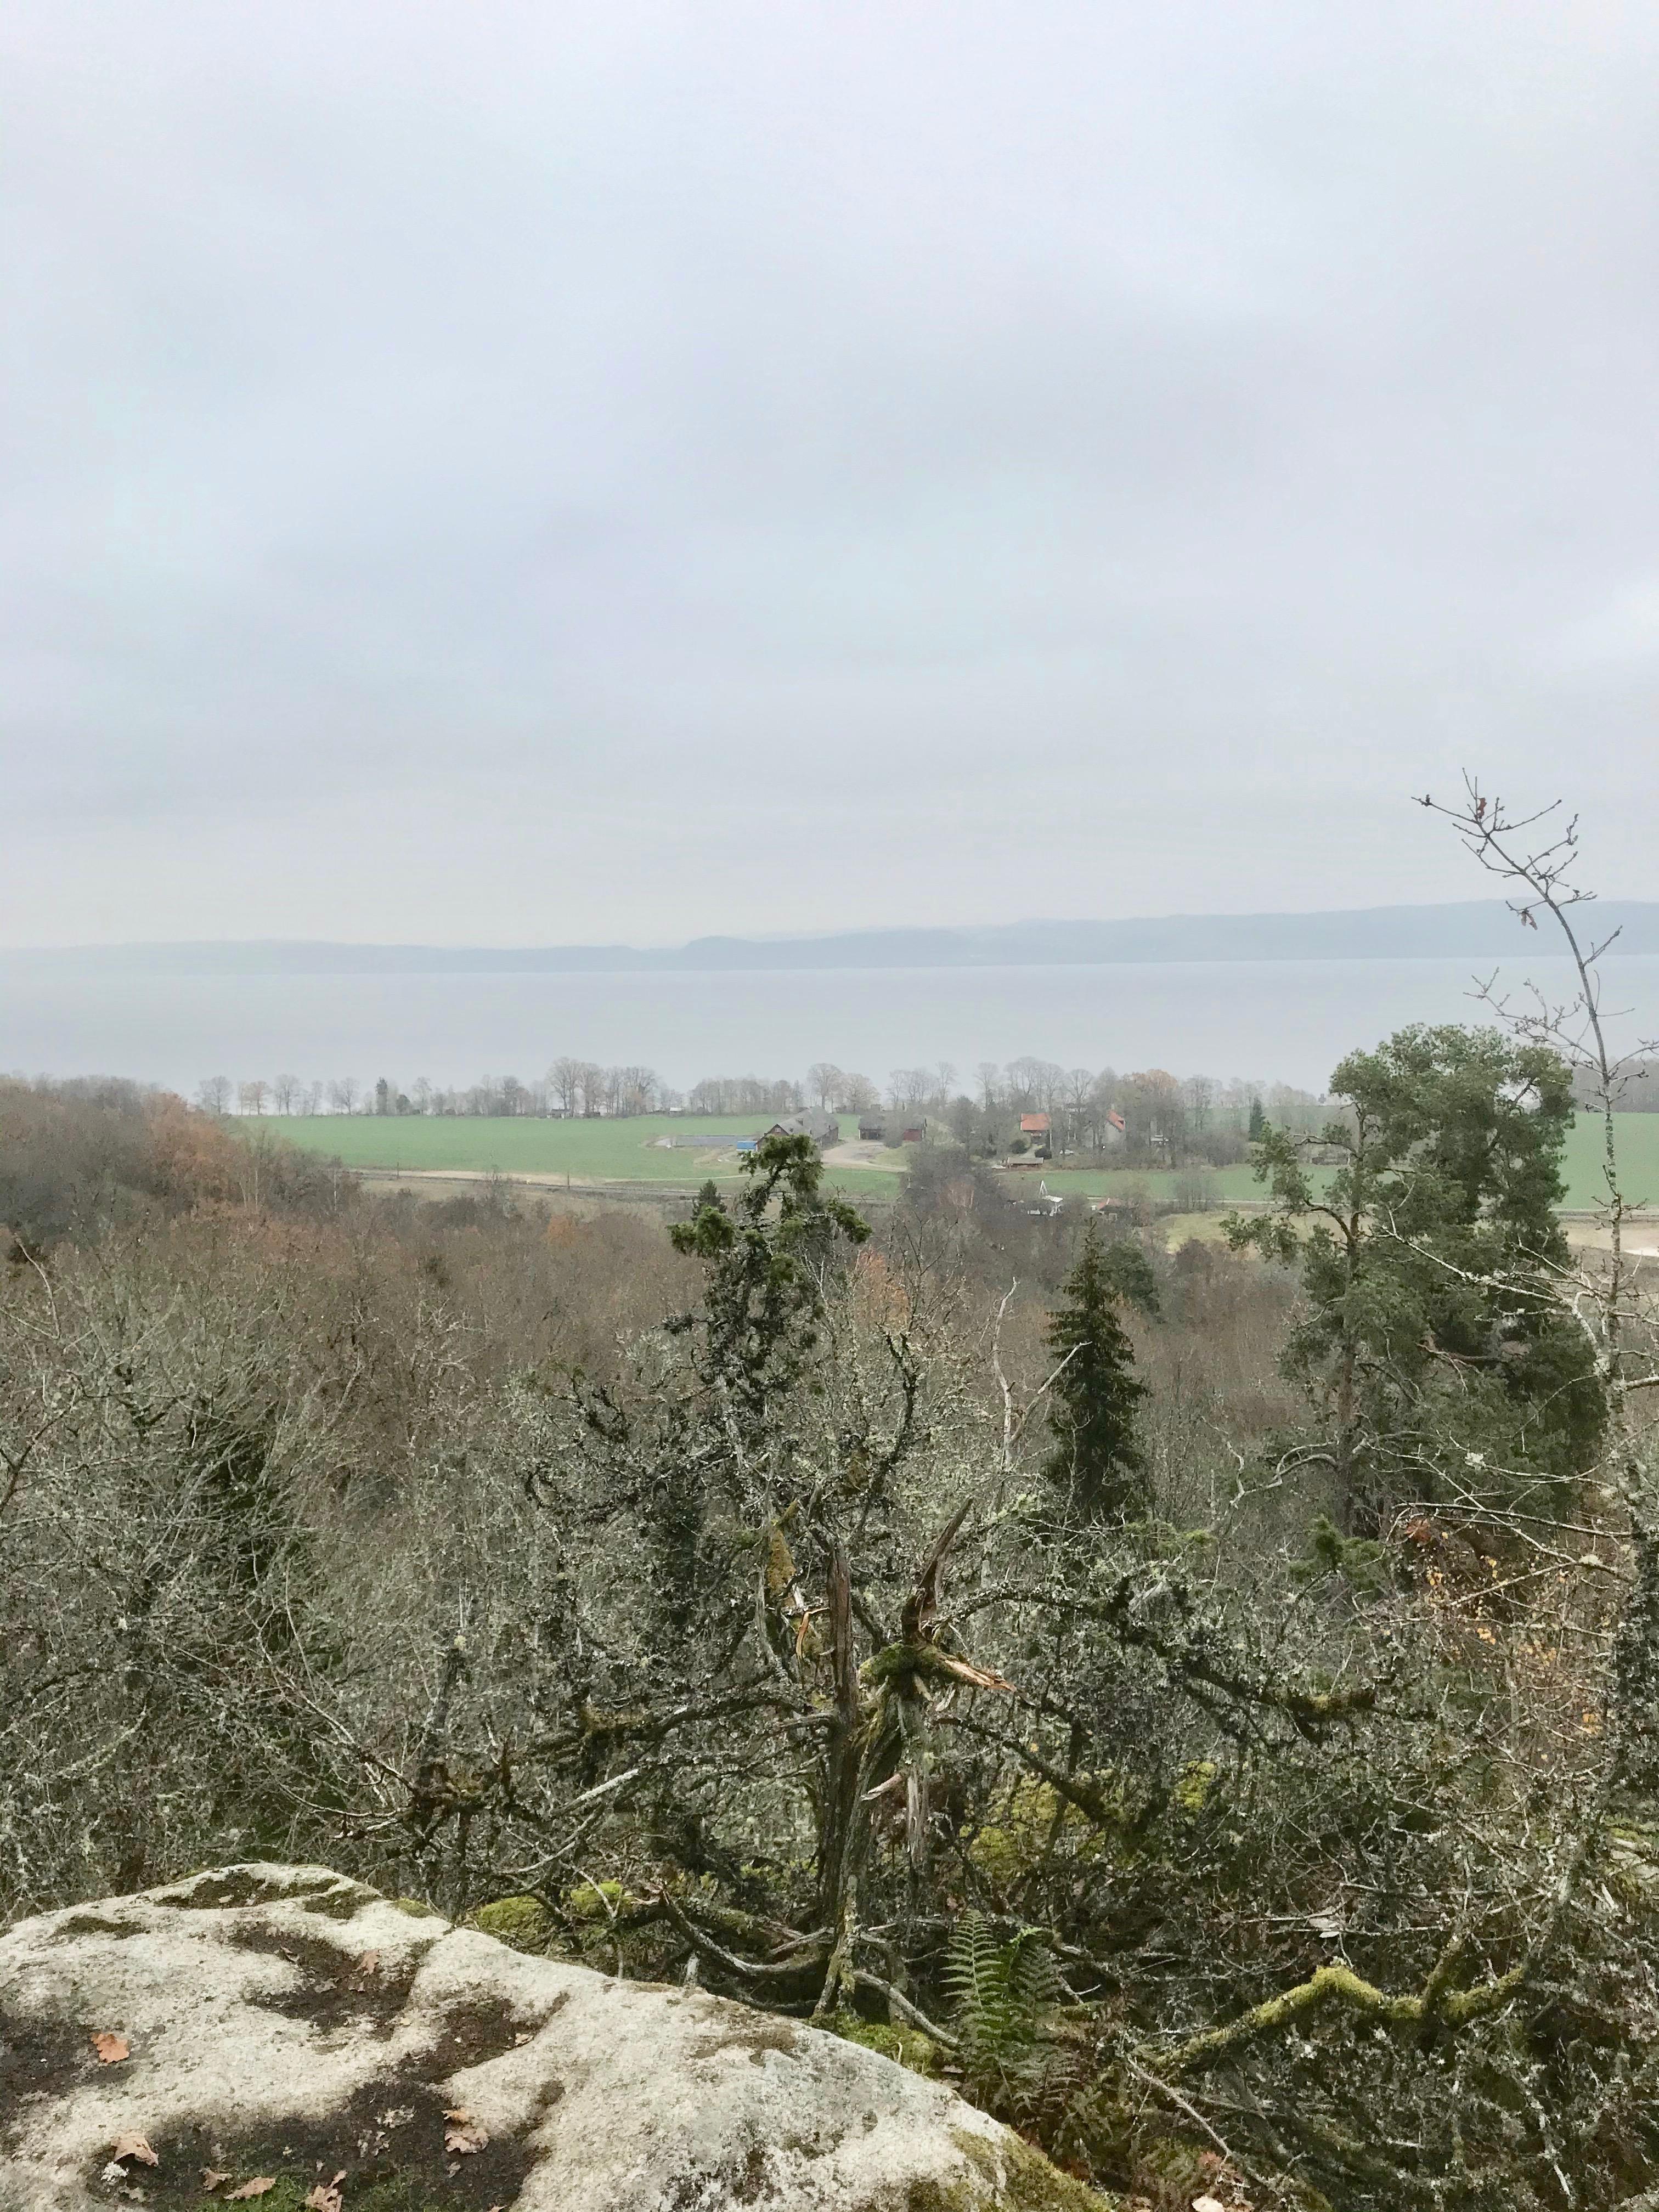 En liten avstickar i Häggebergs reservat med utsikt över Granbäcks går och Vättern. Trots lite mulet väder en fantastisk vandring.